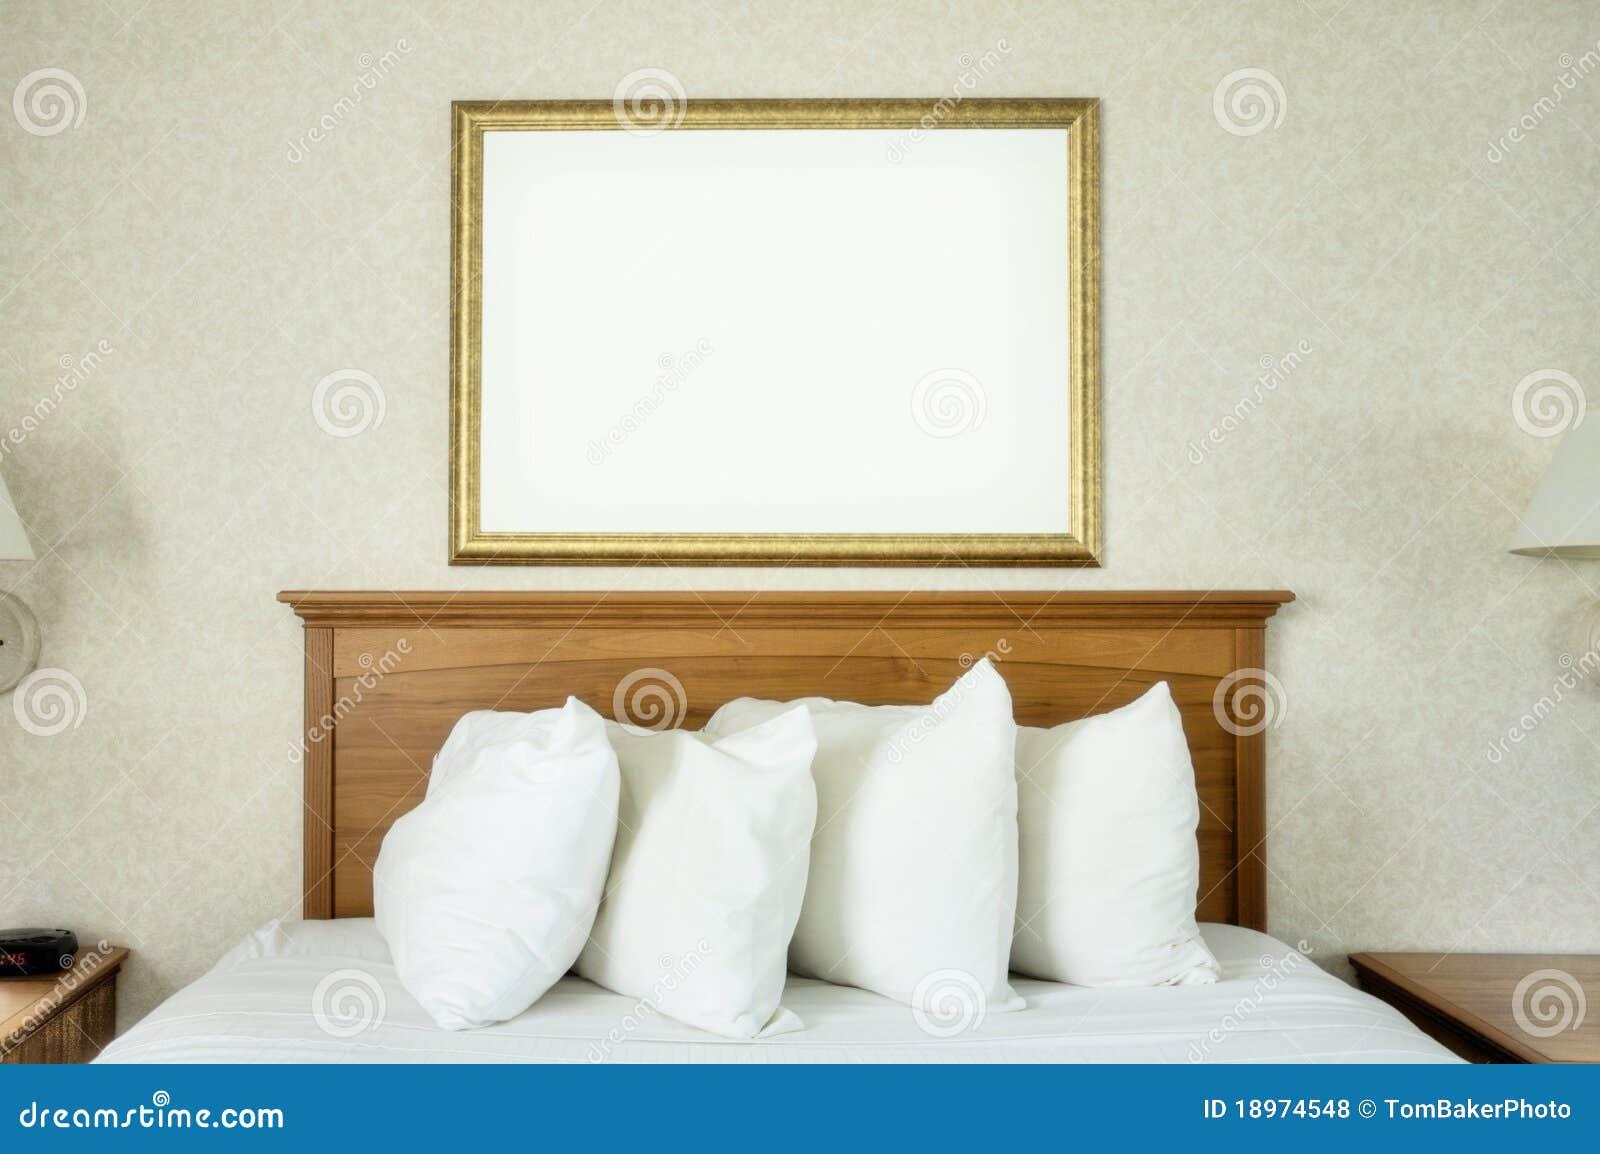 Marco en blanco sobre cama foto de archivo. Imagen de espacio - 18974548